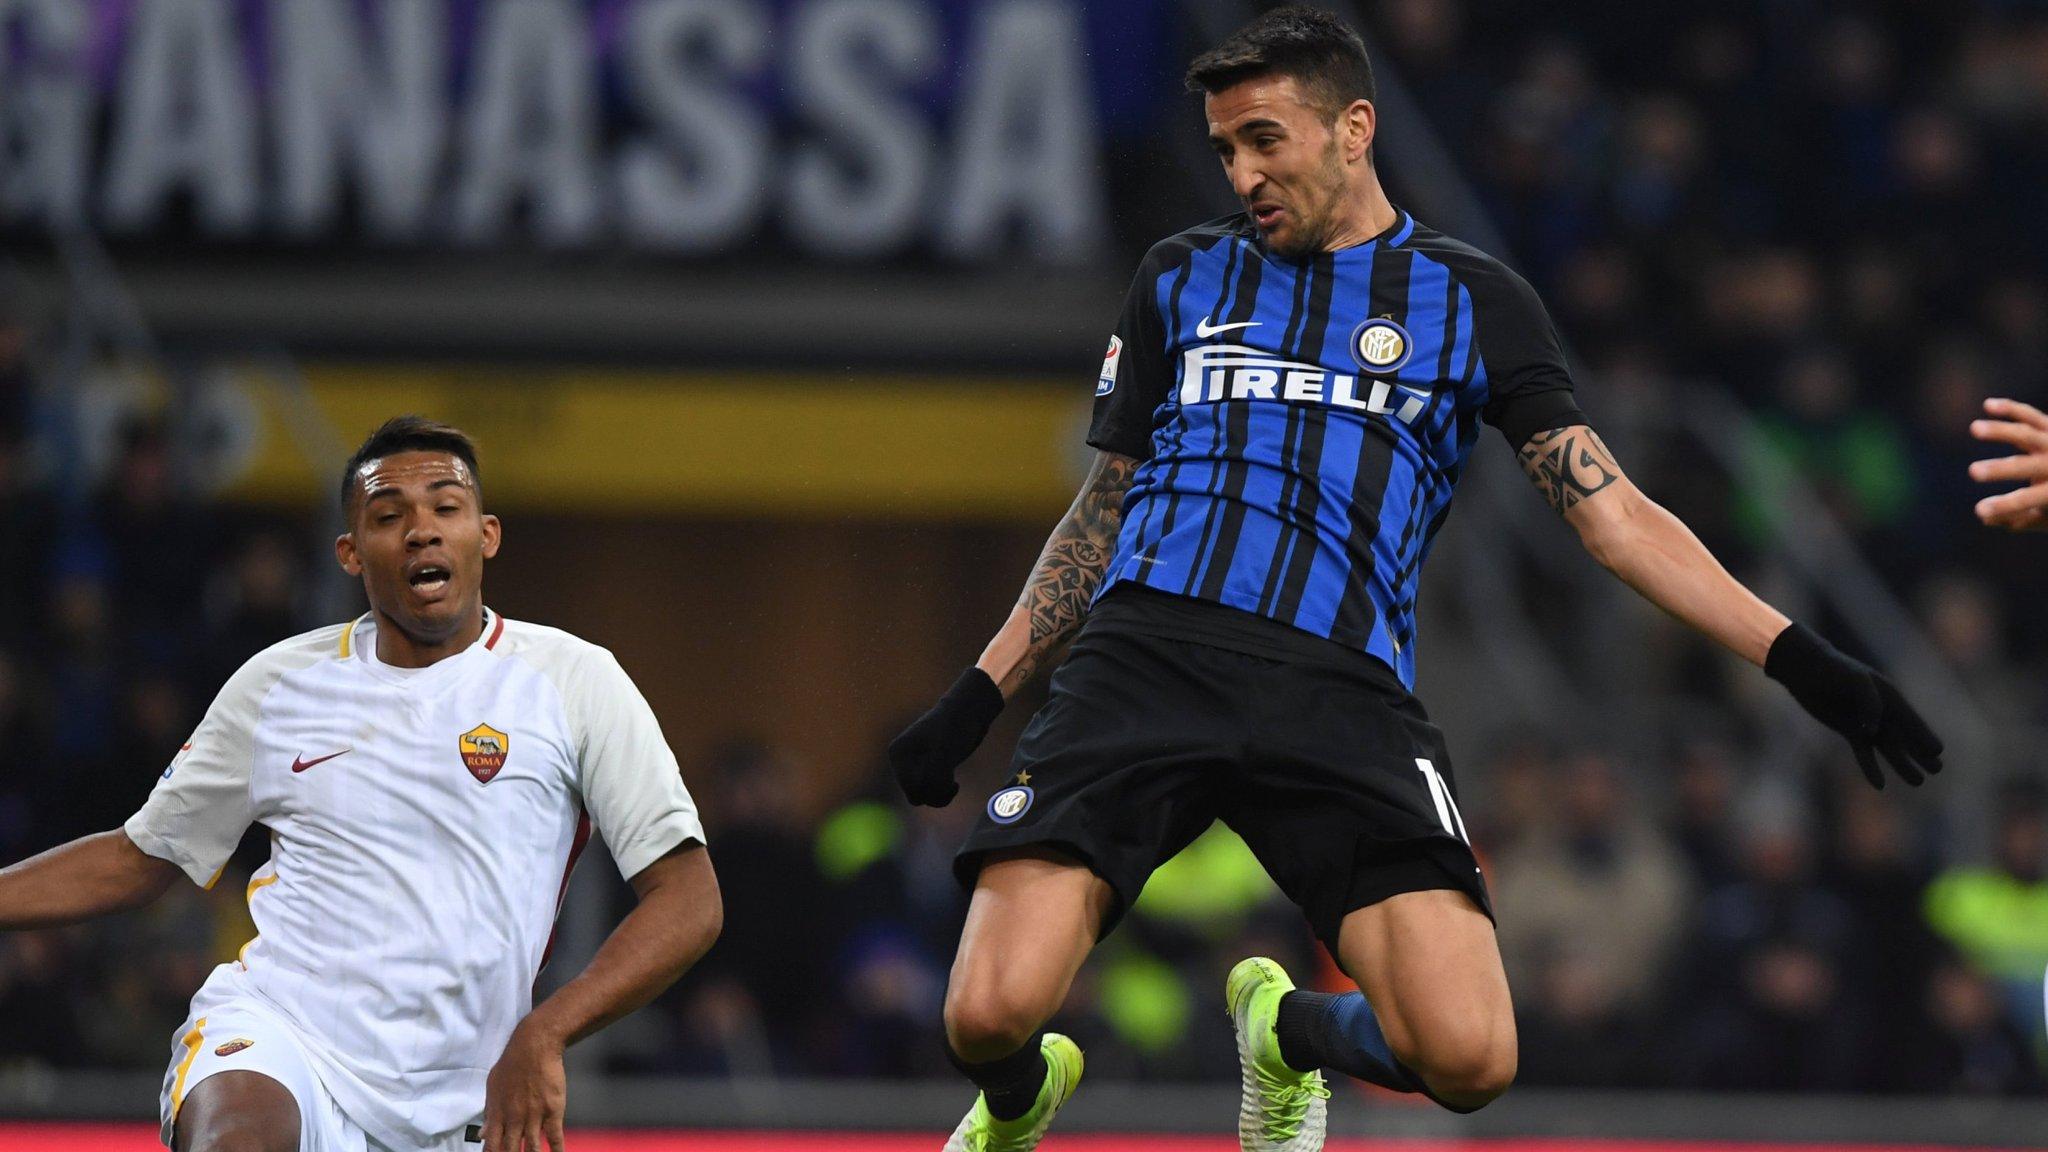 Uefa vice-president urges overhaul of Italian football